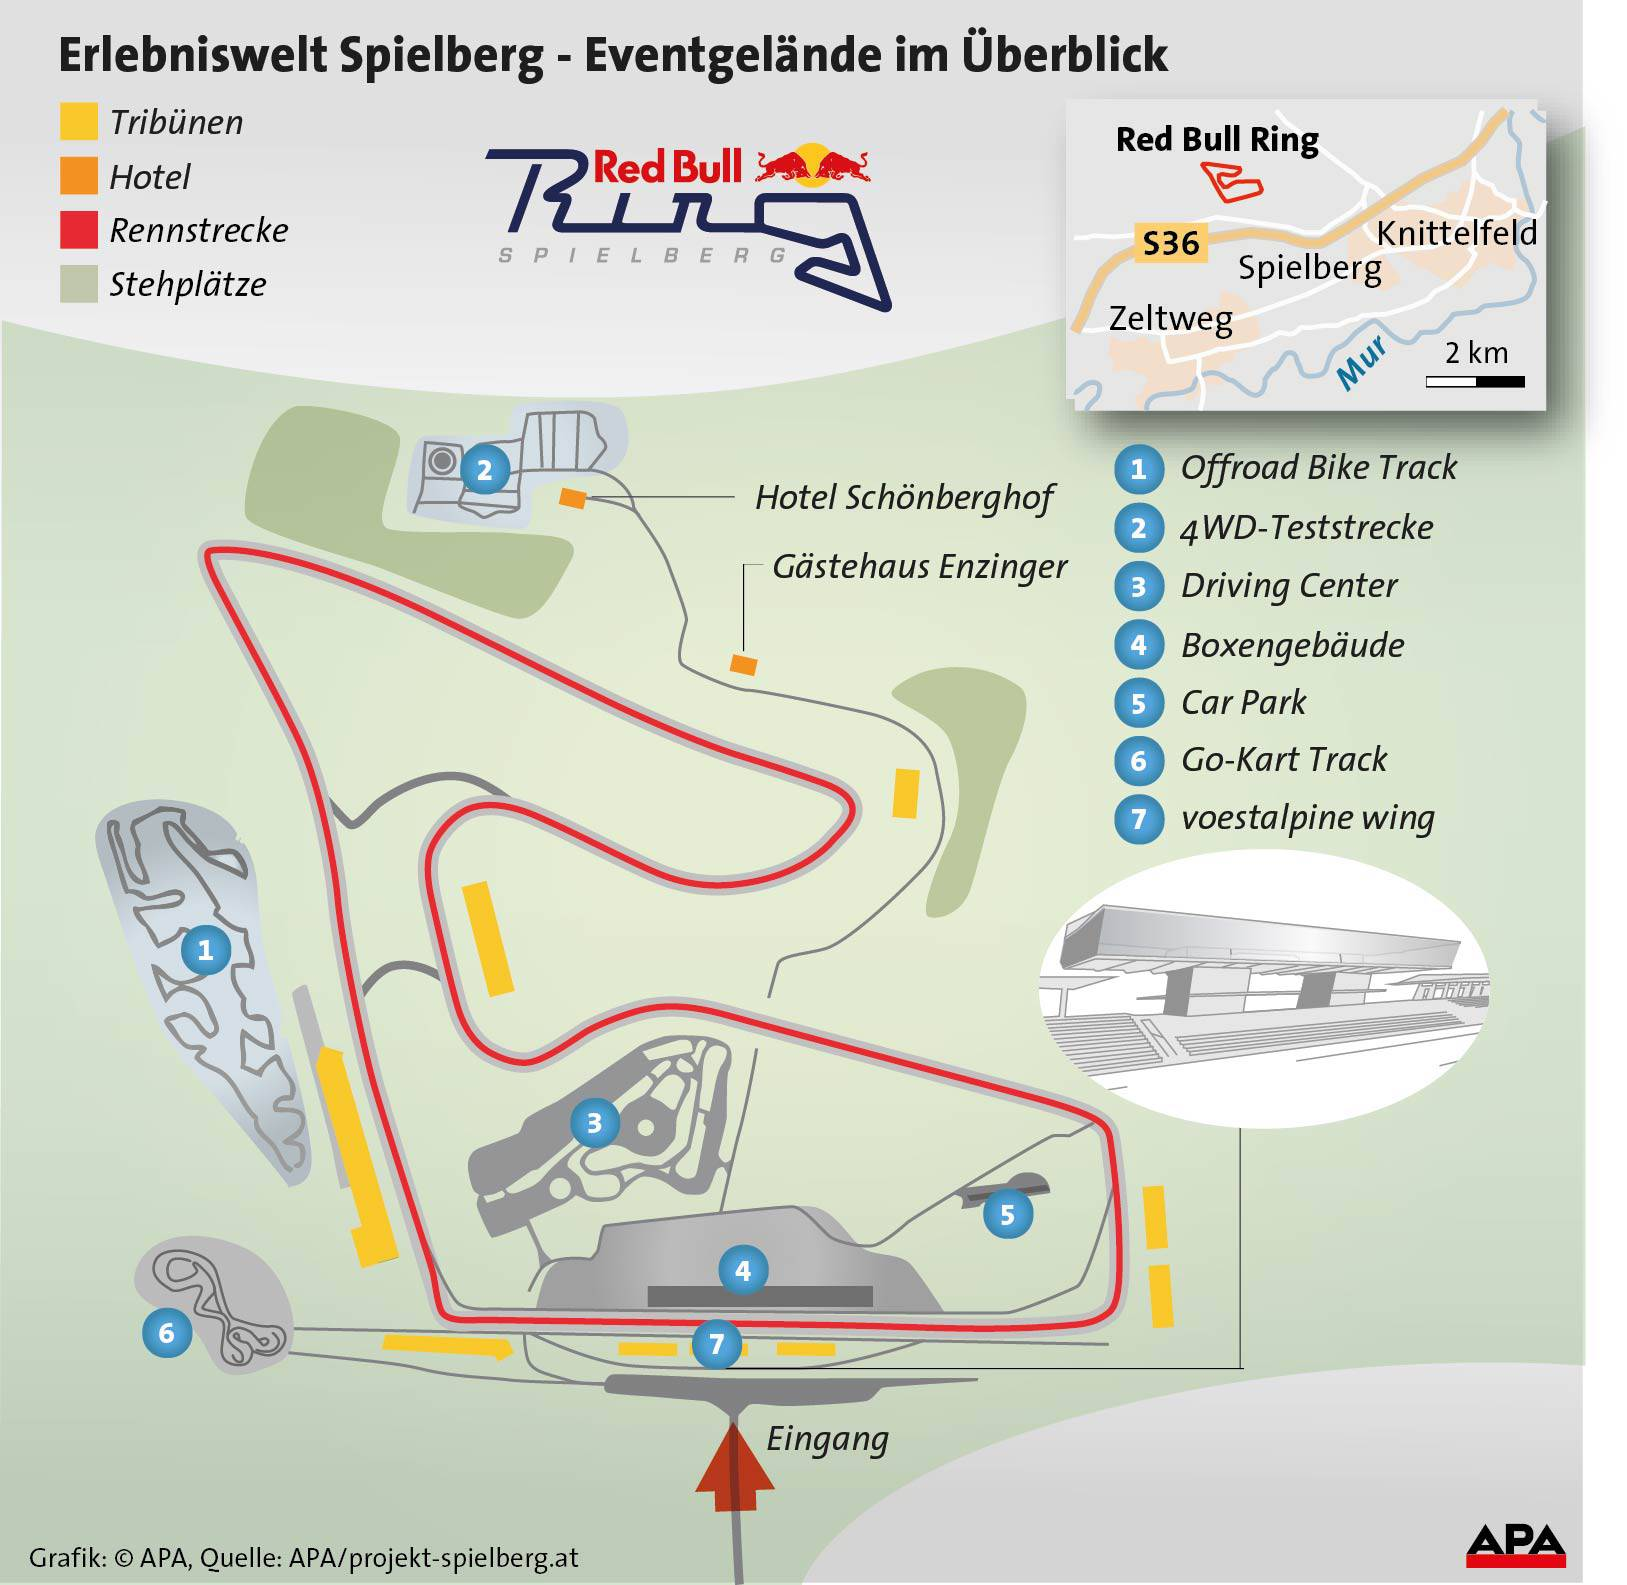 Formel 1: Programm und Infos zum Grand Prix von Österreich 2014